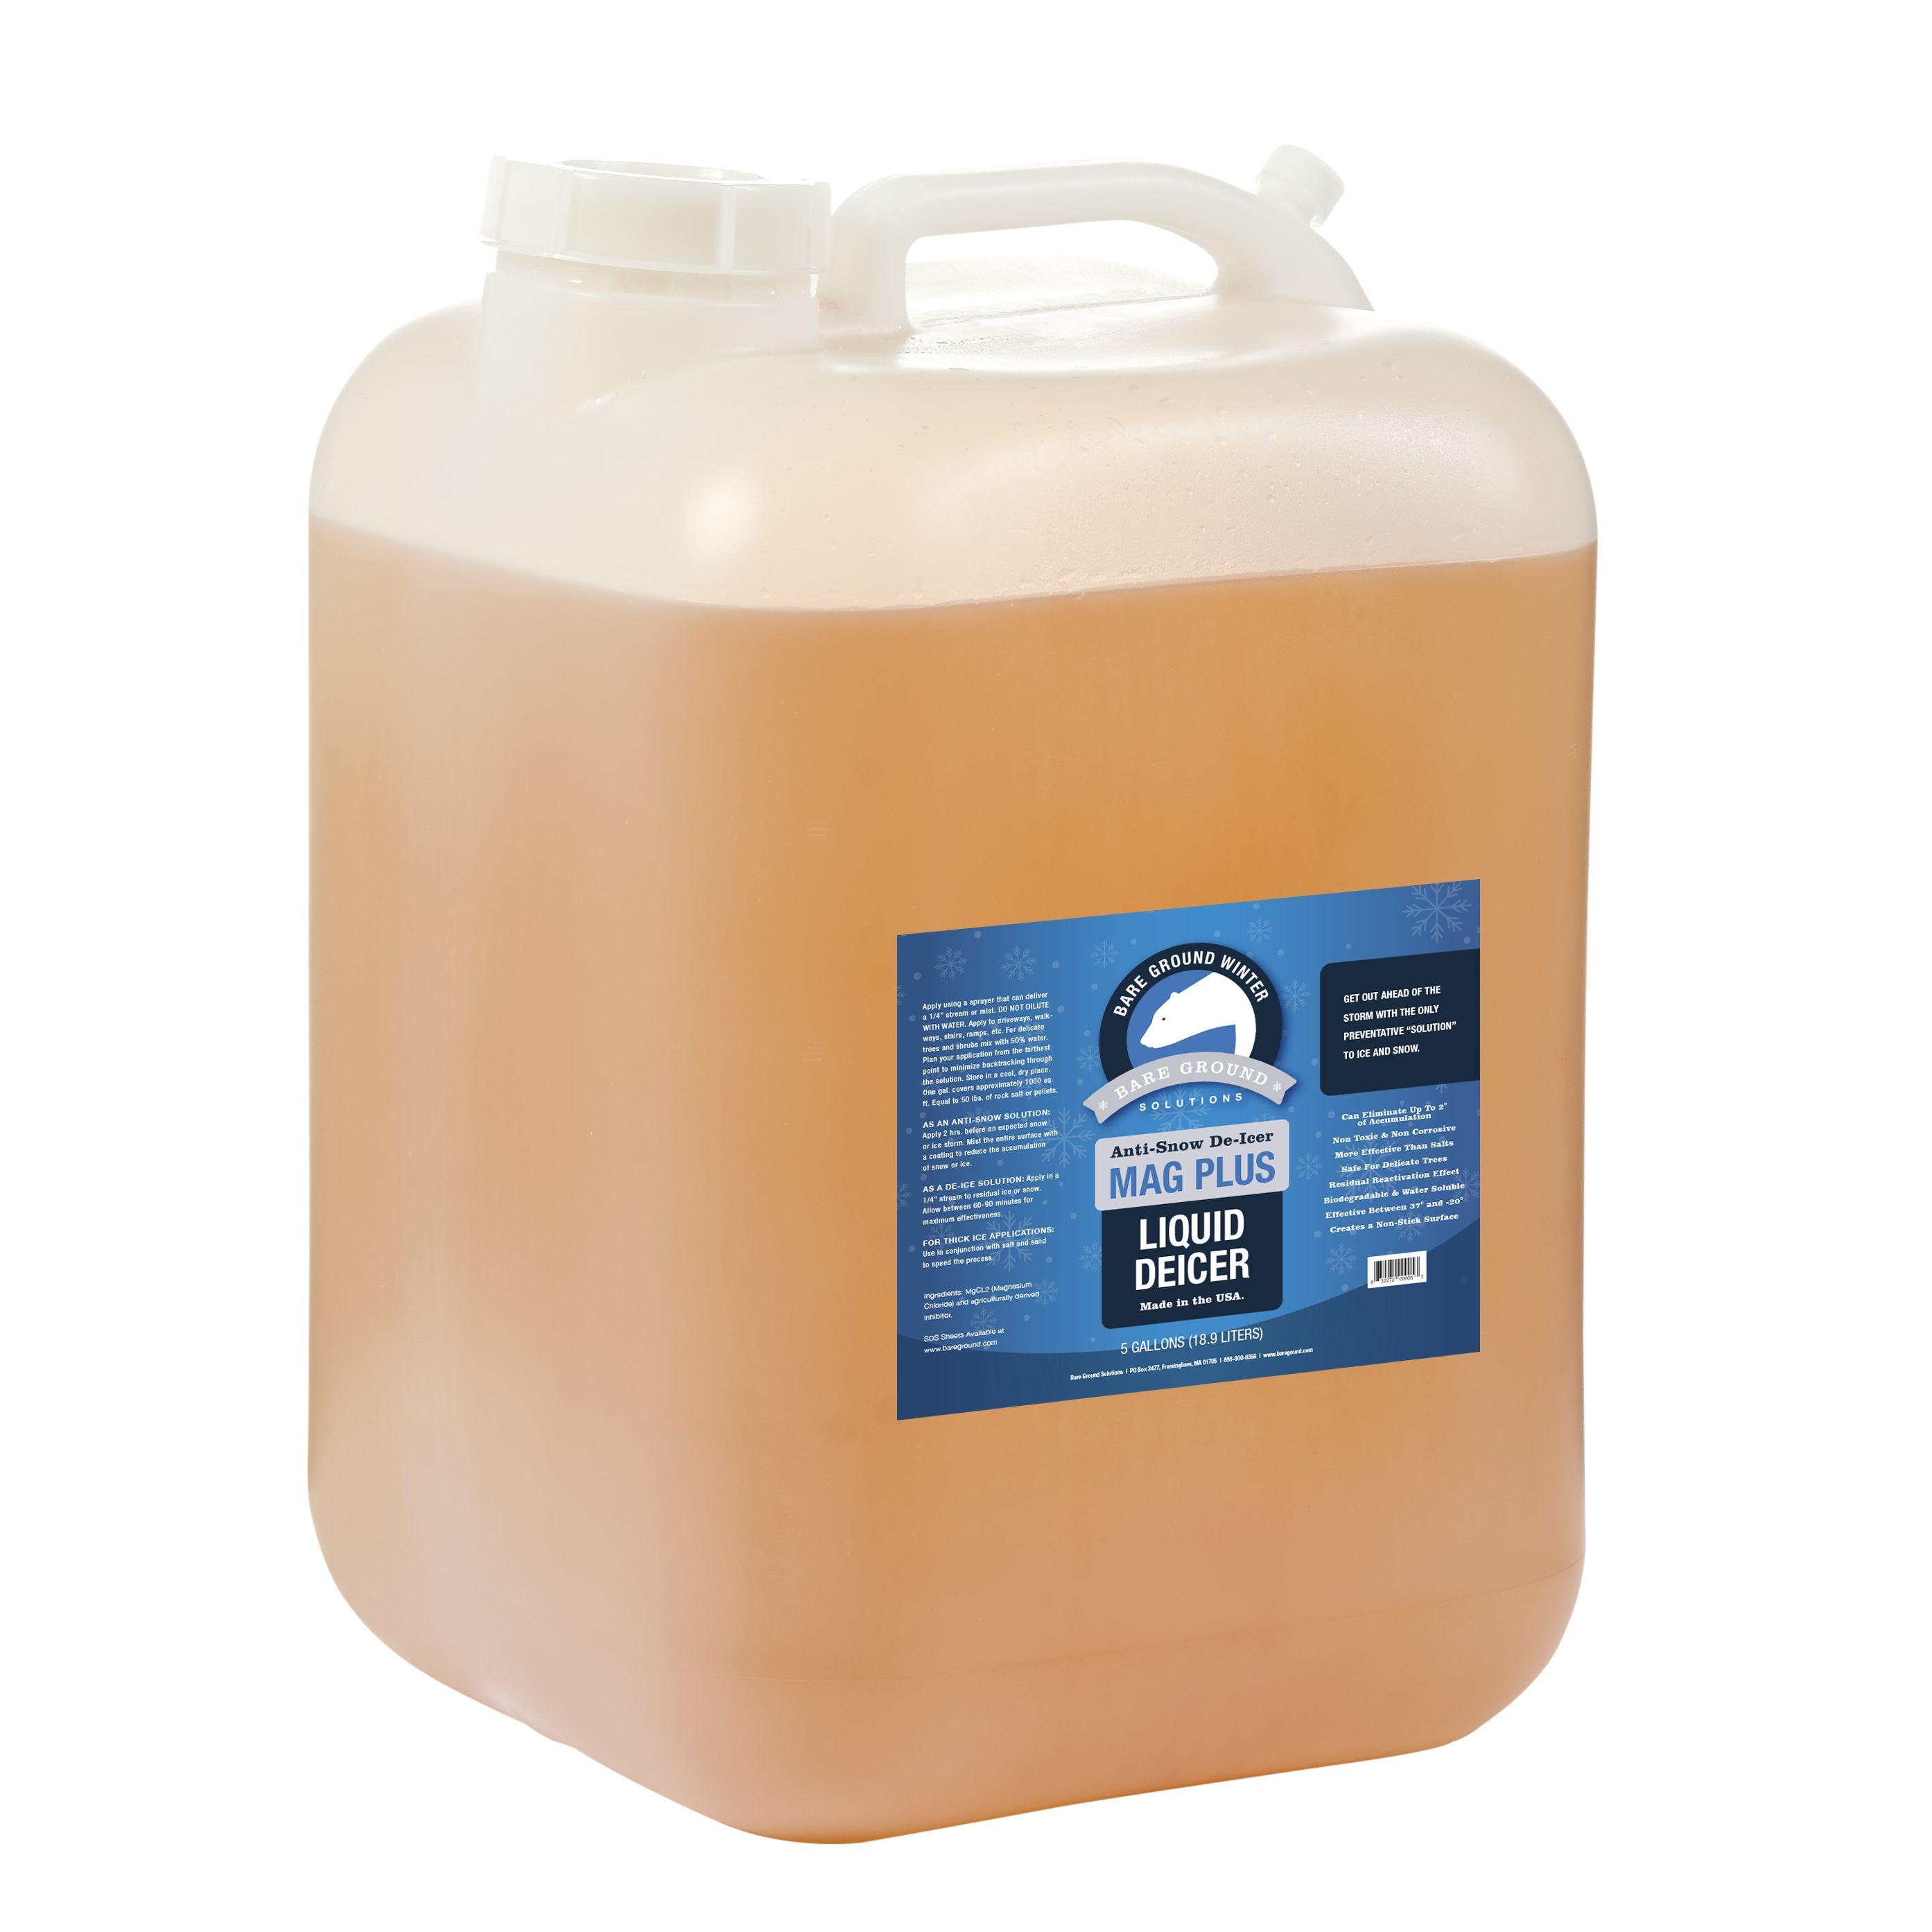 Bare Ground Mag Plus Liquid Deicer - 5 Gallon